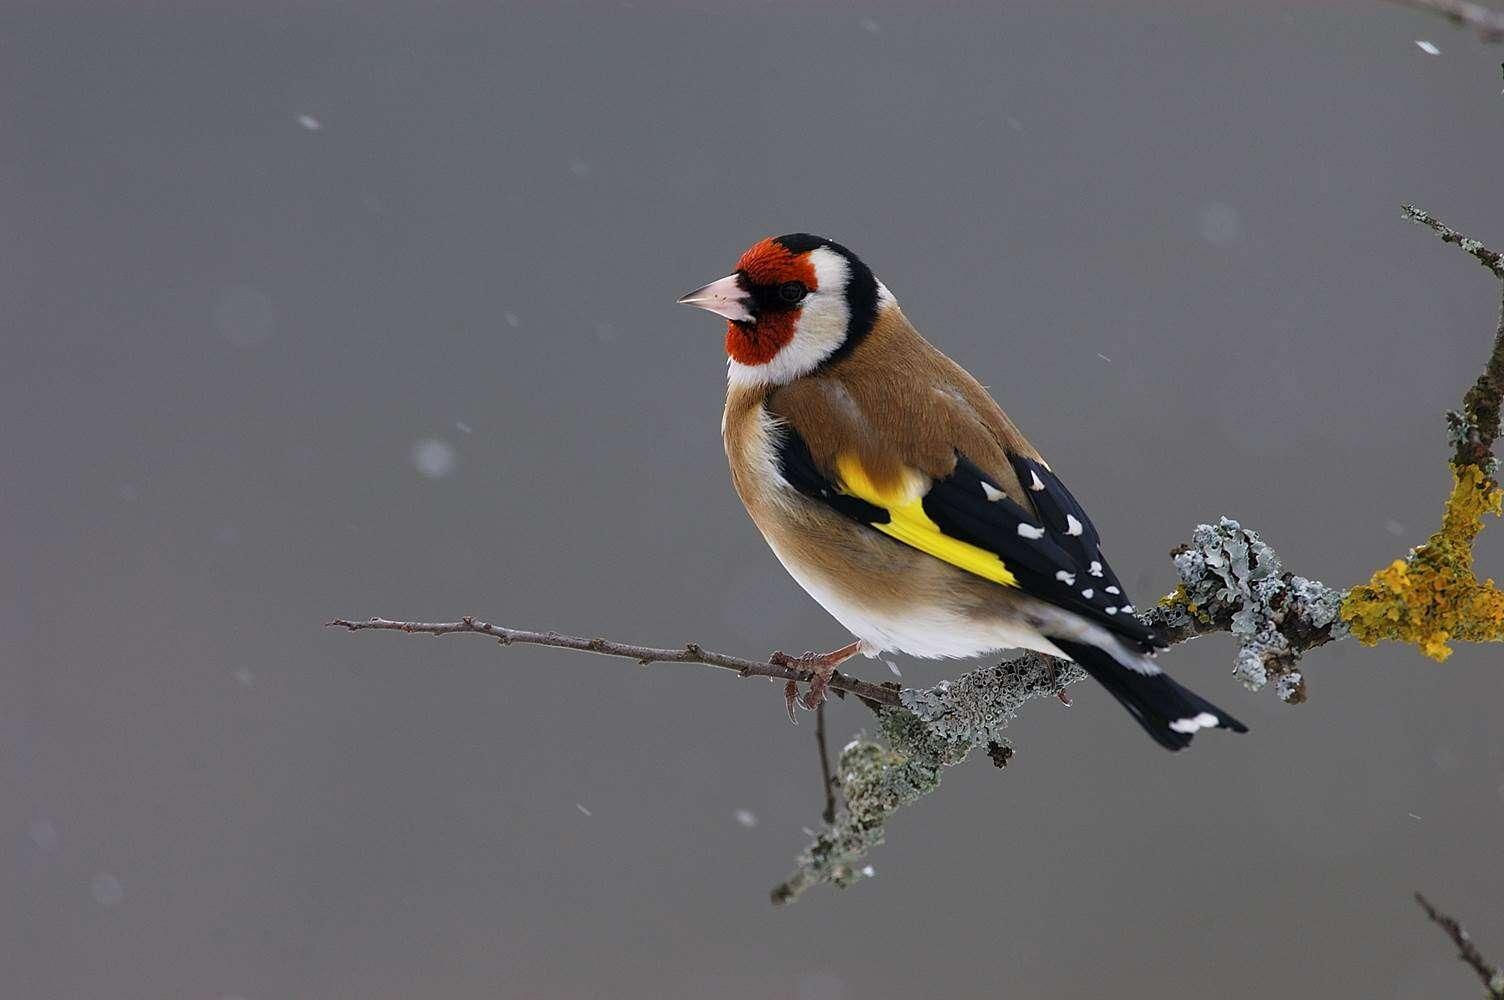 L'opération BirdLab est un travail de science participative. C'est aussi le moyen d'apprendre à mieux reconnaître les oiseaux. Ici un chardonneret élégant (Carduelis carduelis), avec son bec puissant qui sert à chercher des graines. La couleur rouge est la marque d'un mâle. © Fabrice Cahez